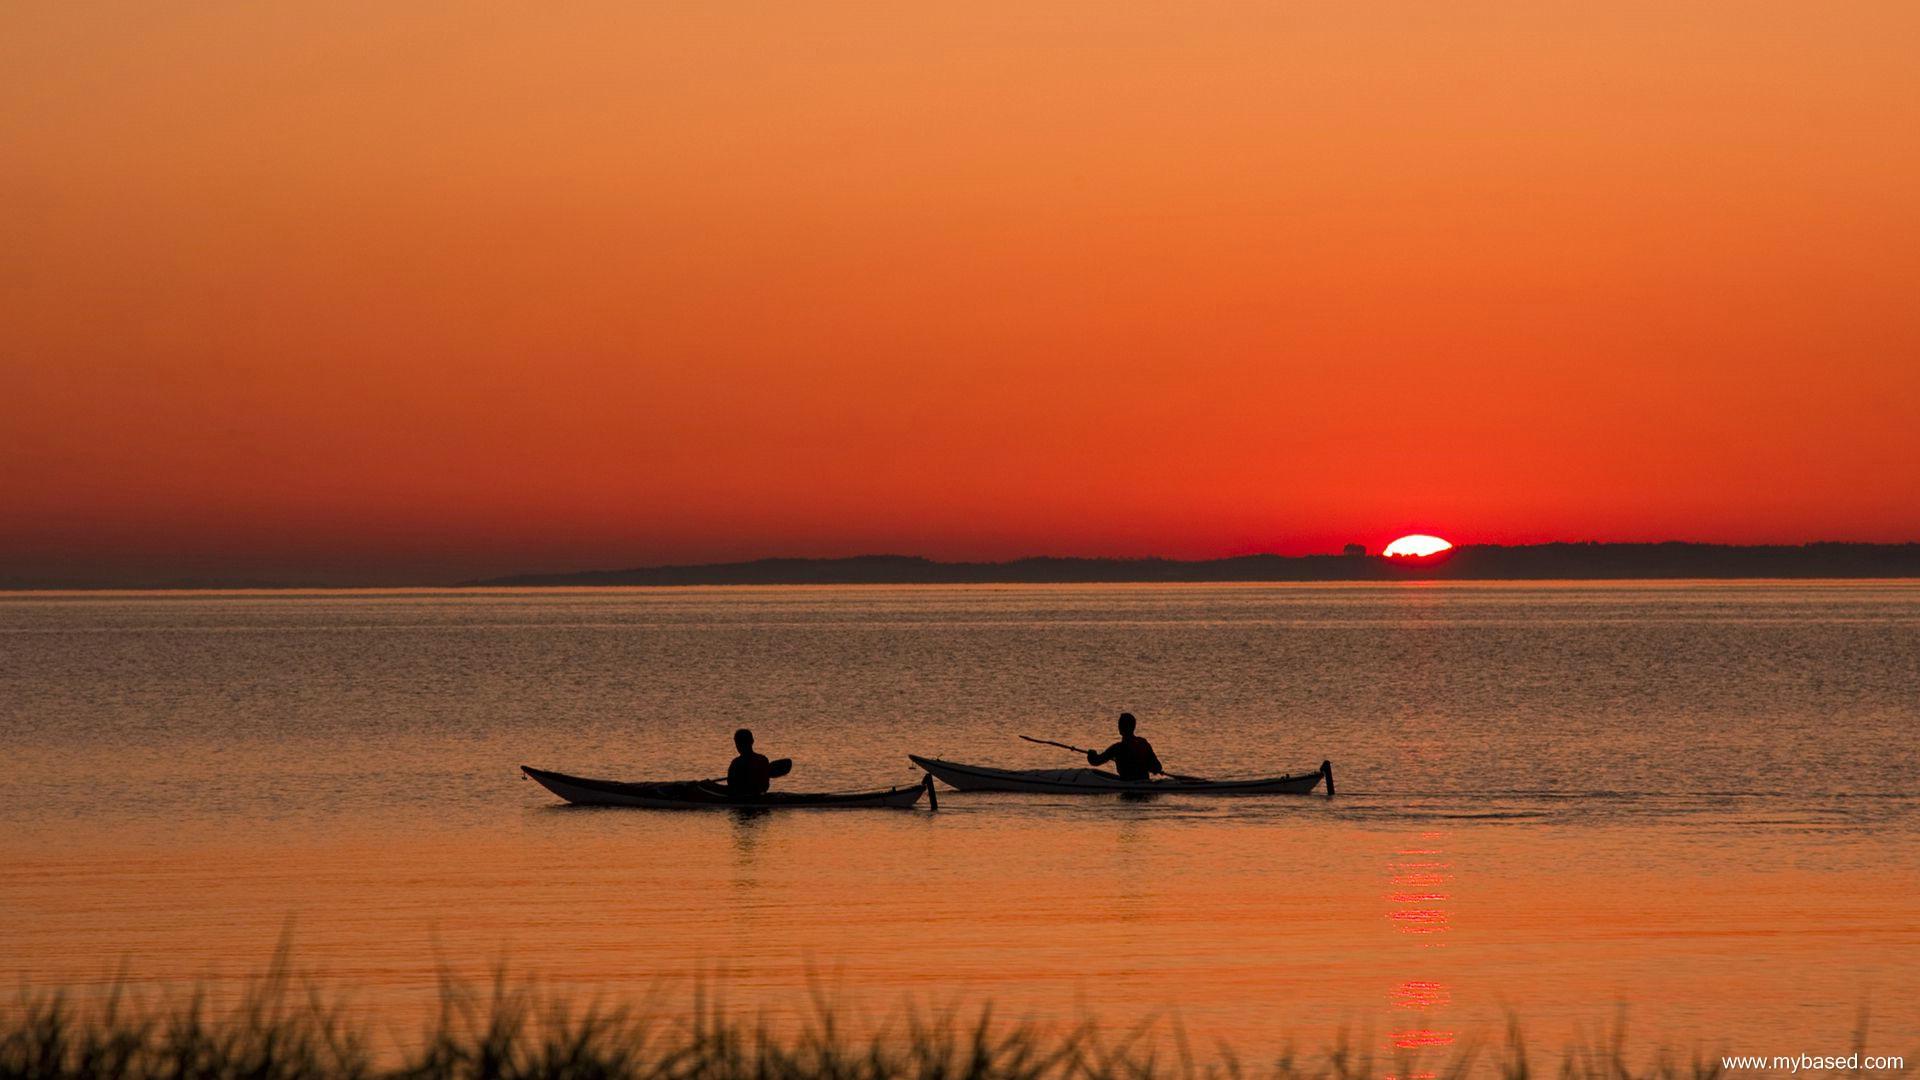 Canoas en lago - 1920x1080